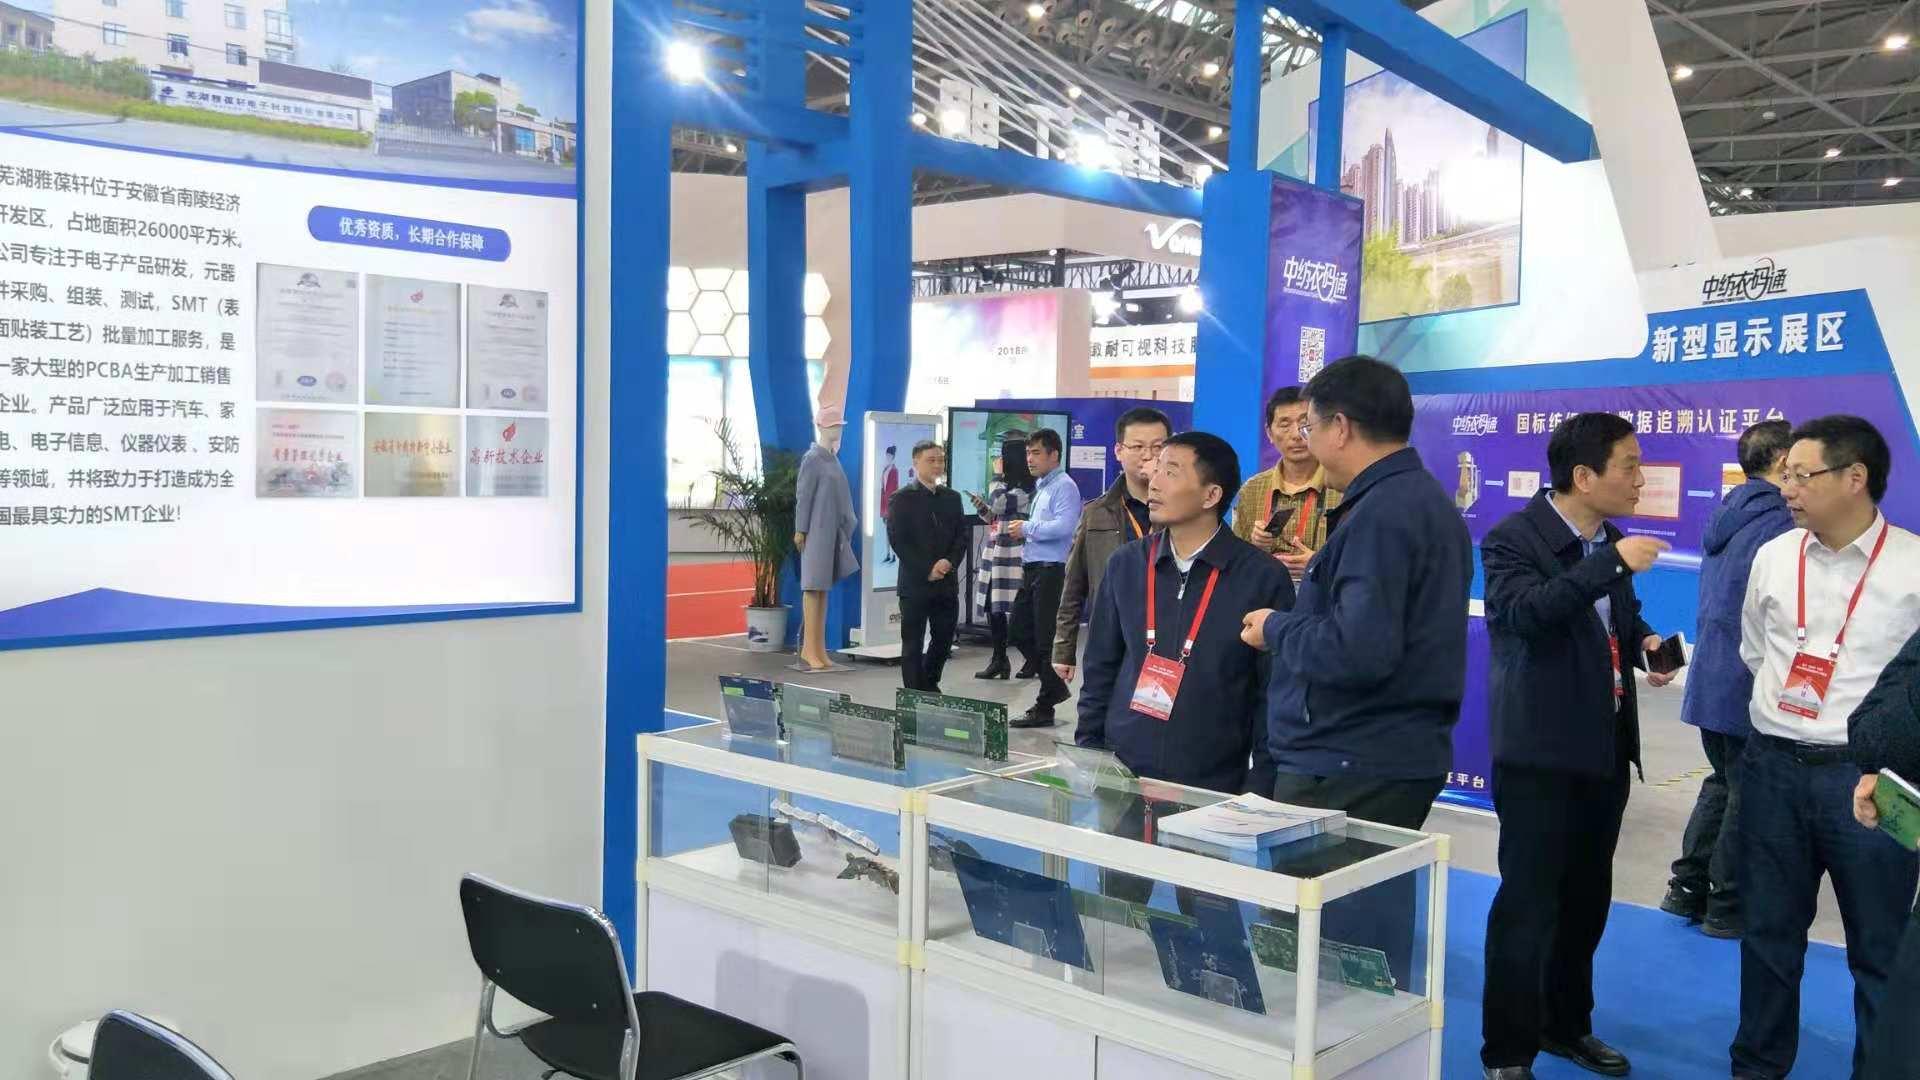 龙8国际登录受邀参加第十二届中国(合肥)国际家电暨消费电子博览会